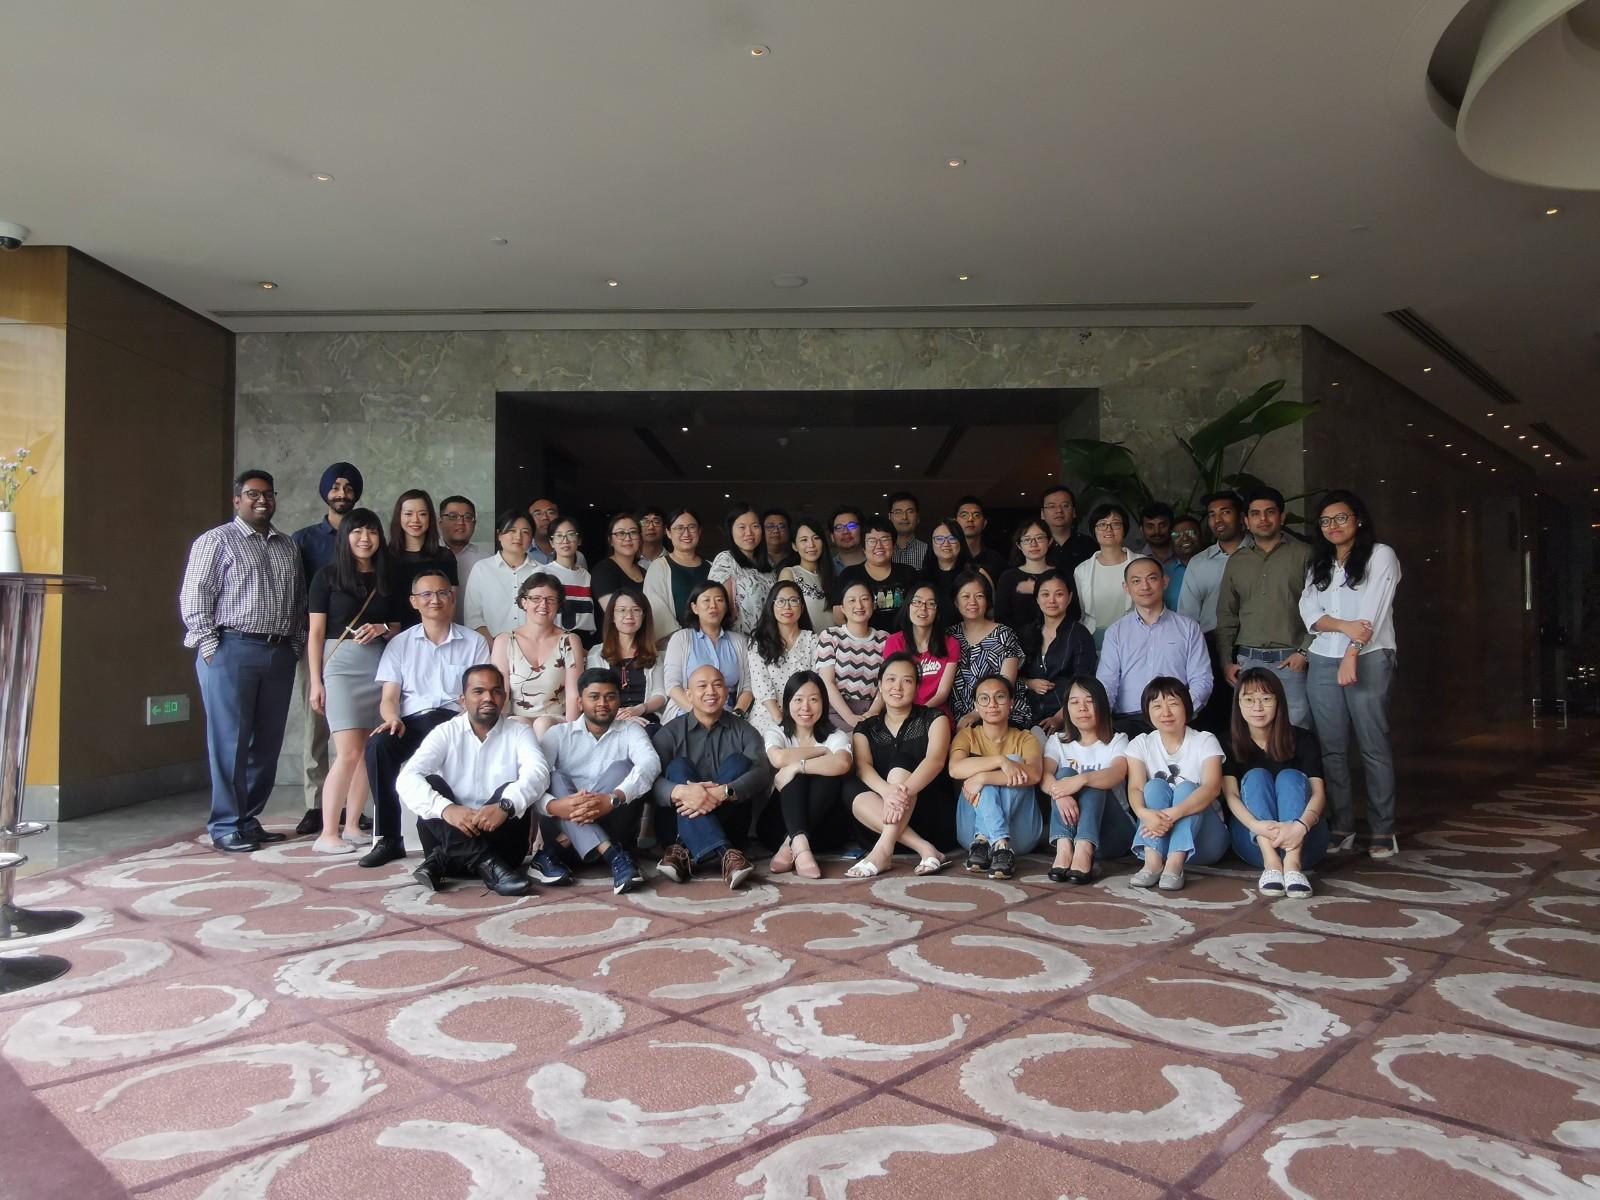 凌格风压缩机力主SAP ACT进驻阿特拉斯·科普柯中国区